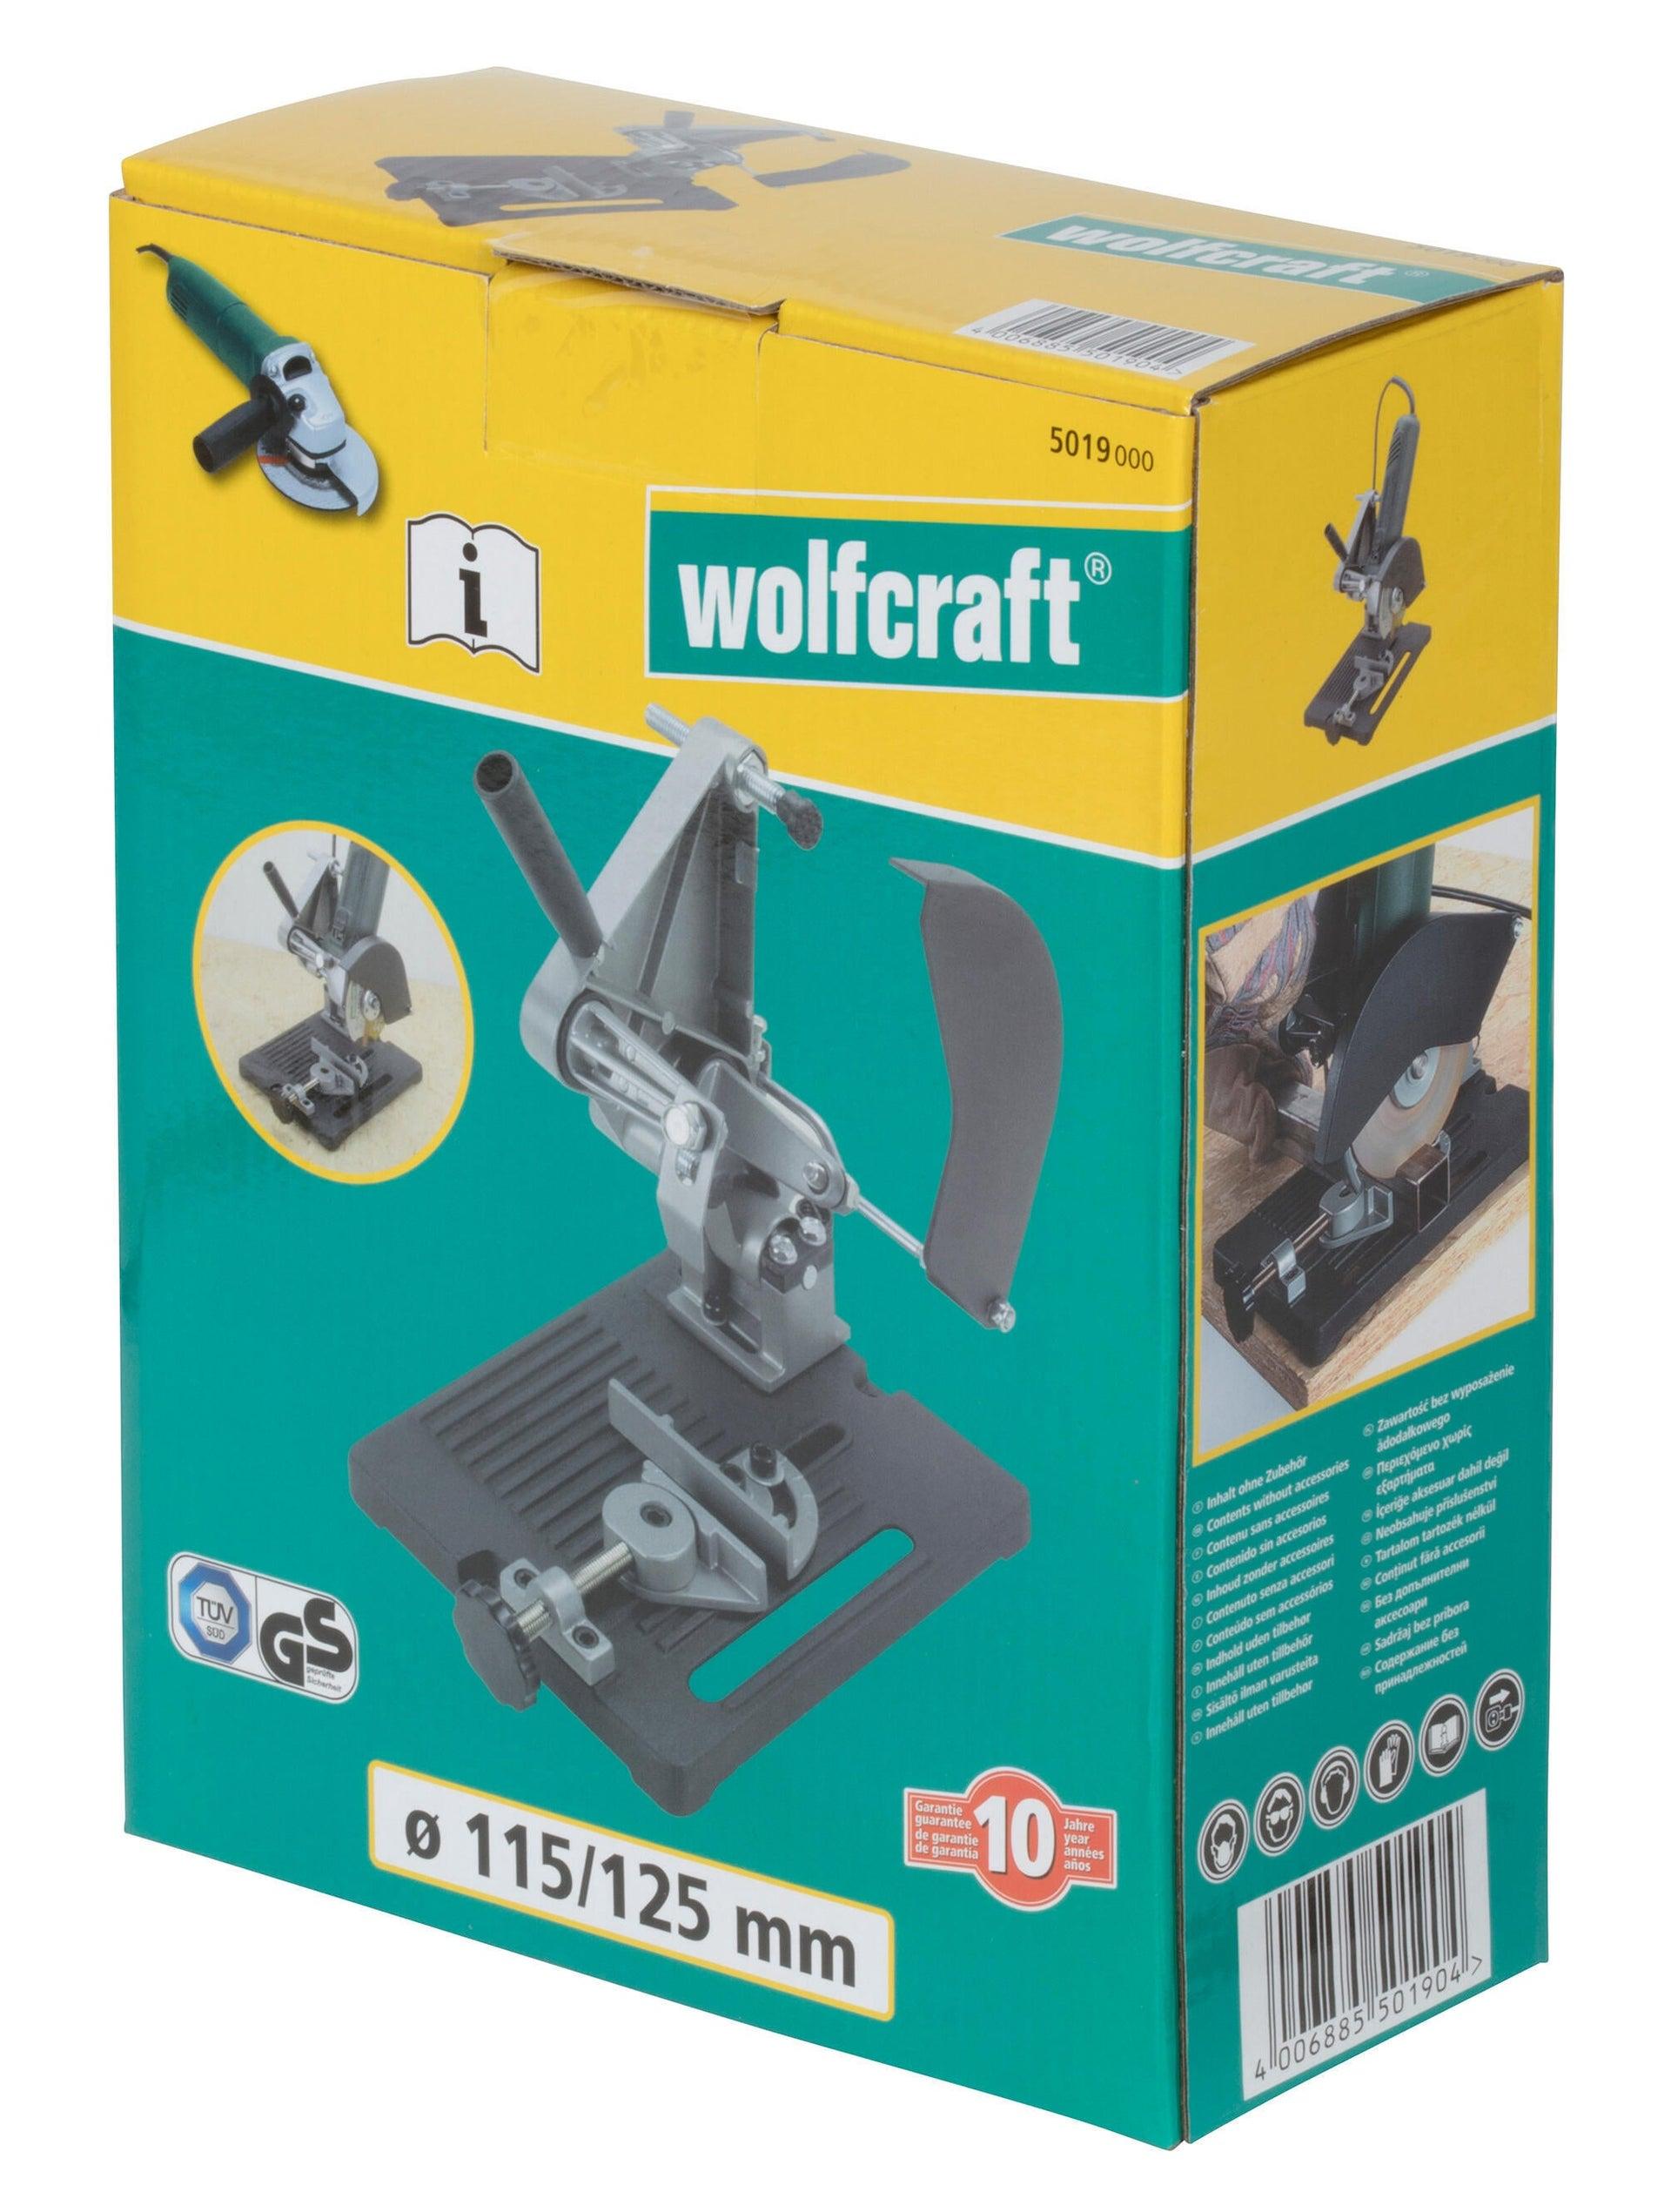 Supporto per elettroutensile WOLFCRAFT - 2